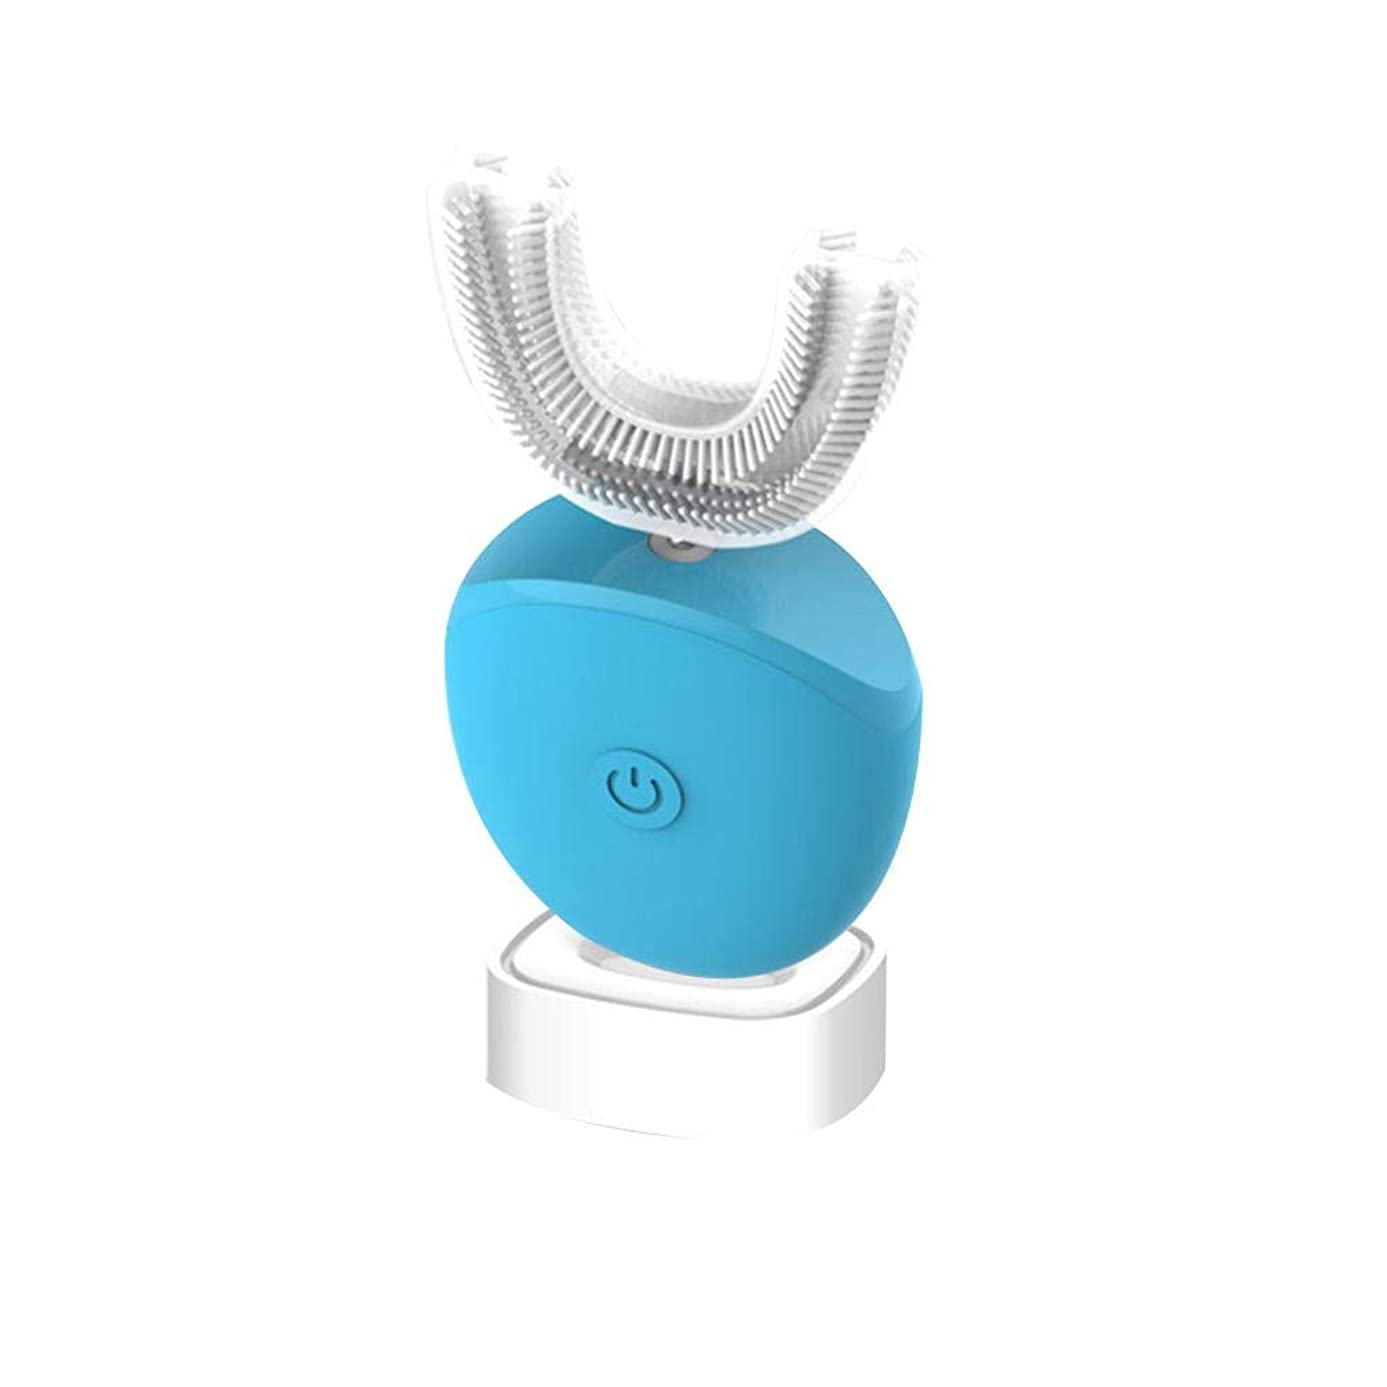 clouday 360°超音波ブラシ 電動歯ブラシ U型 自動式 超音波 IPX7レベル防水 専門360°全方位 柔らかいシリコーンブラシヘッド 怠け者牙刷-電動 U型 超音波 全方位 自動歯ブラシ 家庭用 プレゼント trendy